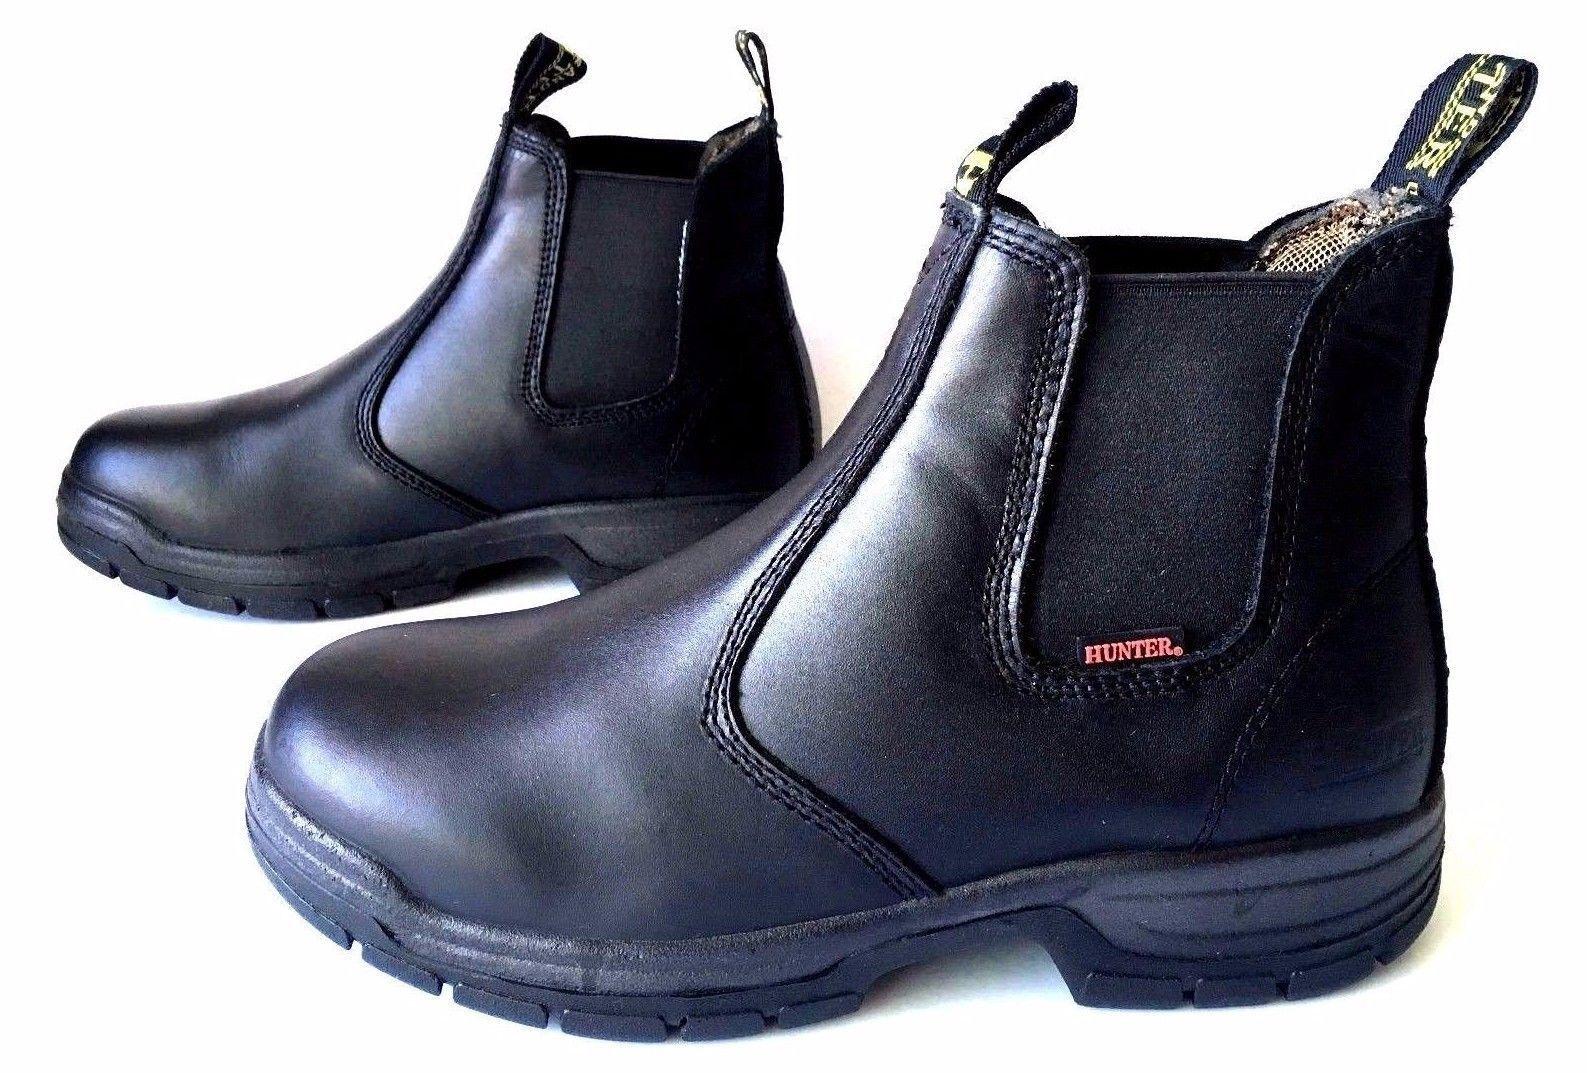 shoesonline777.com